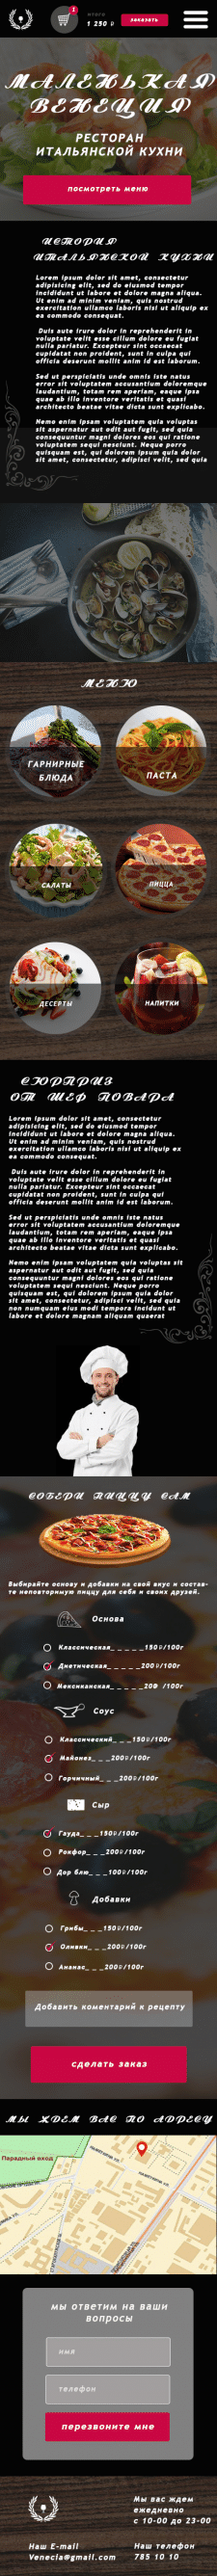 Ресторан итальянской кухни.